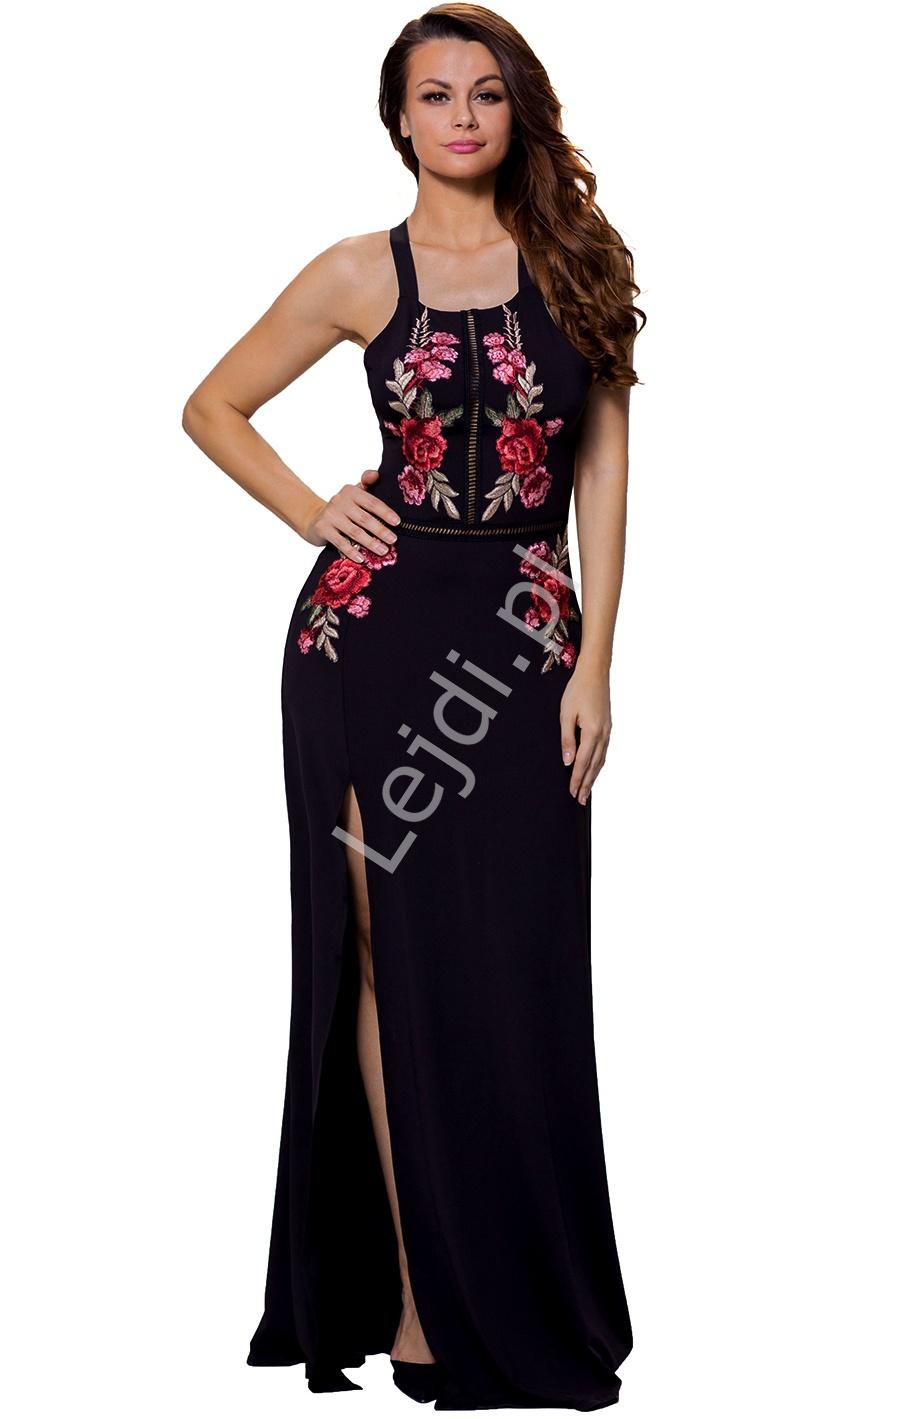 Czarna długa suknia wieczorowa w naszyte kwiaty 448 - Lejdi